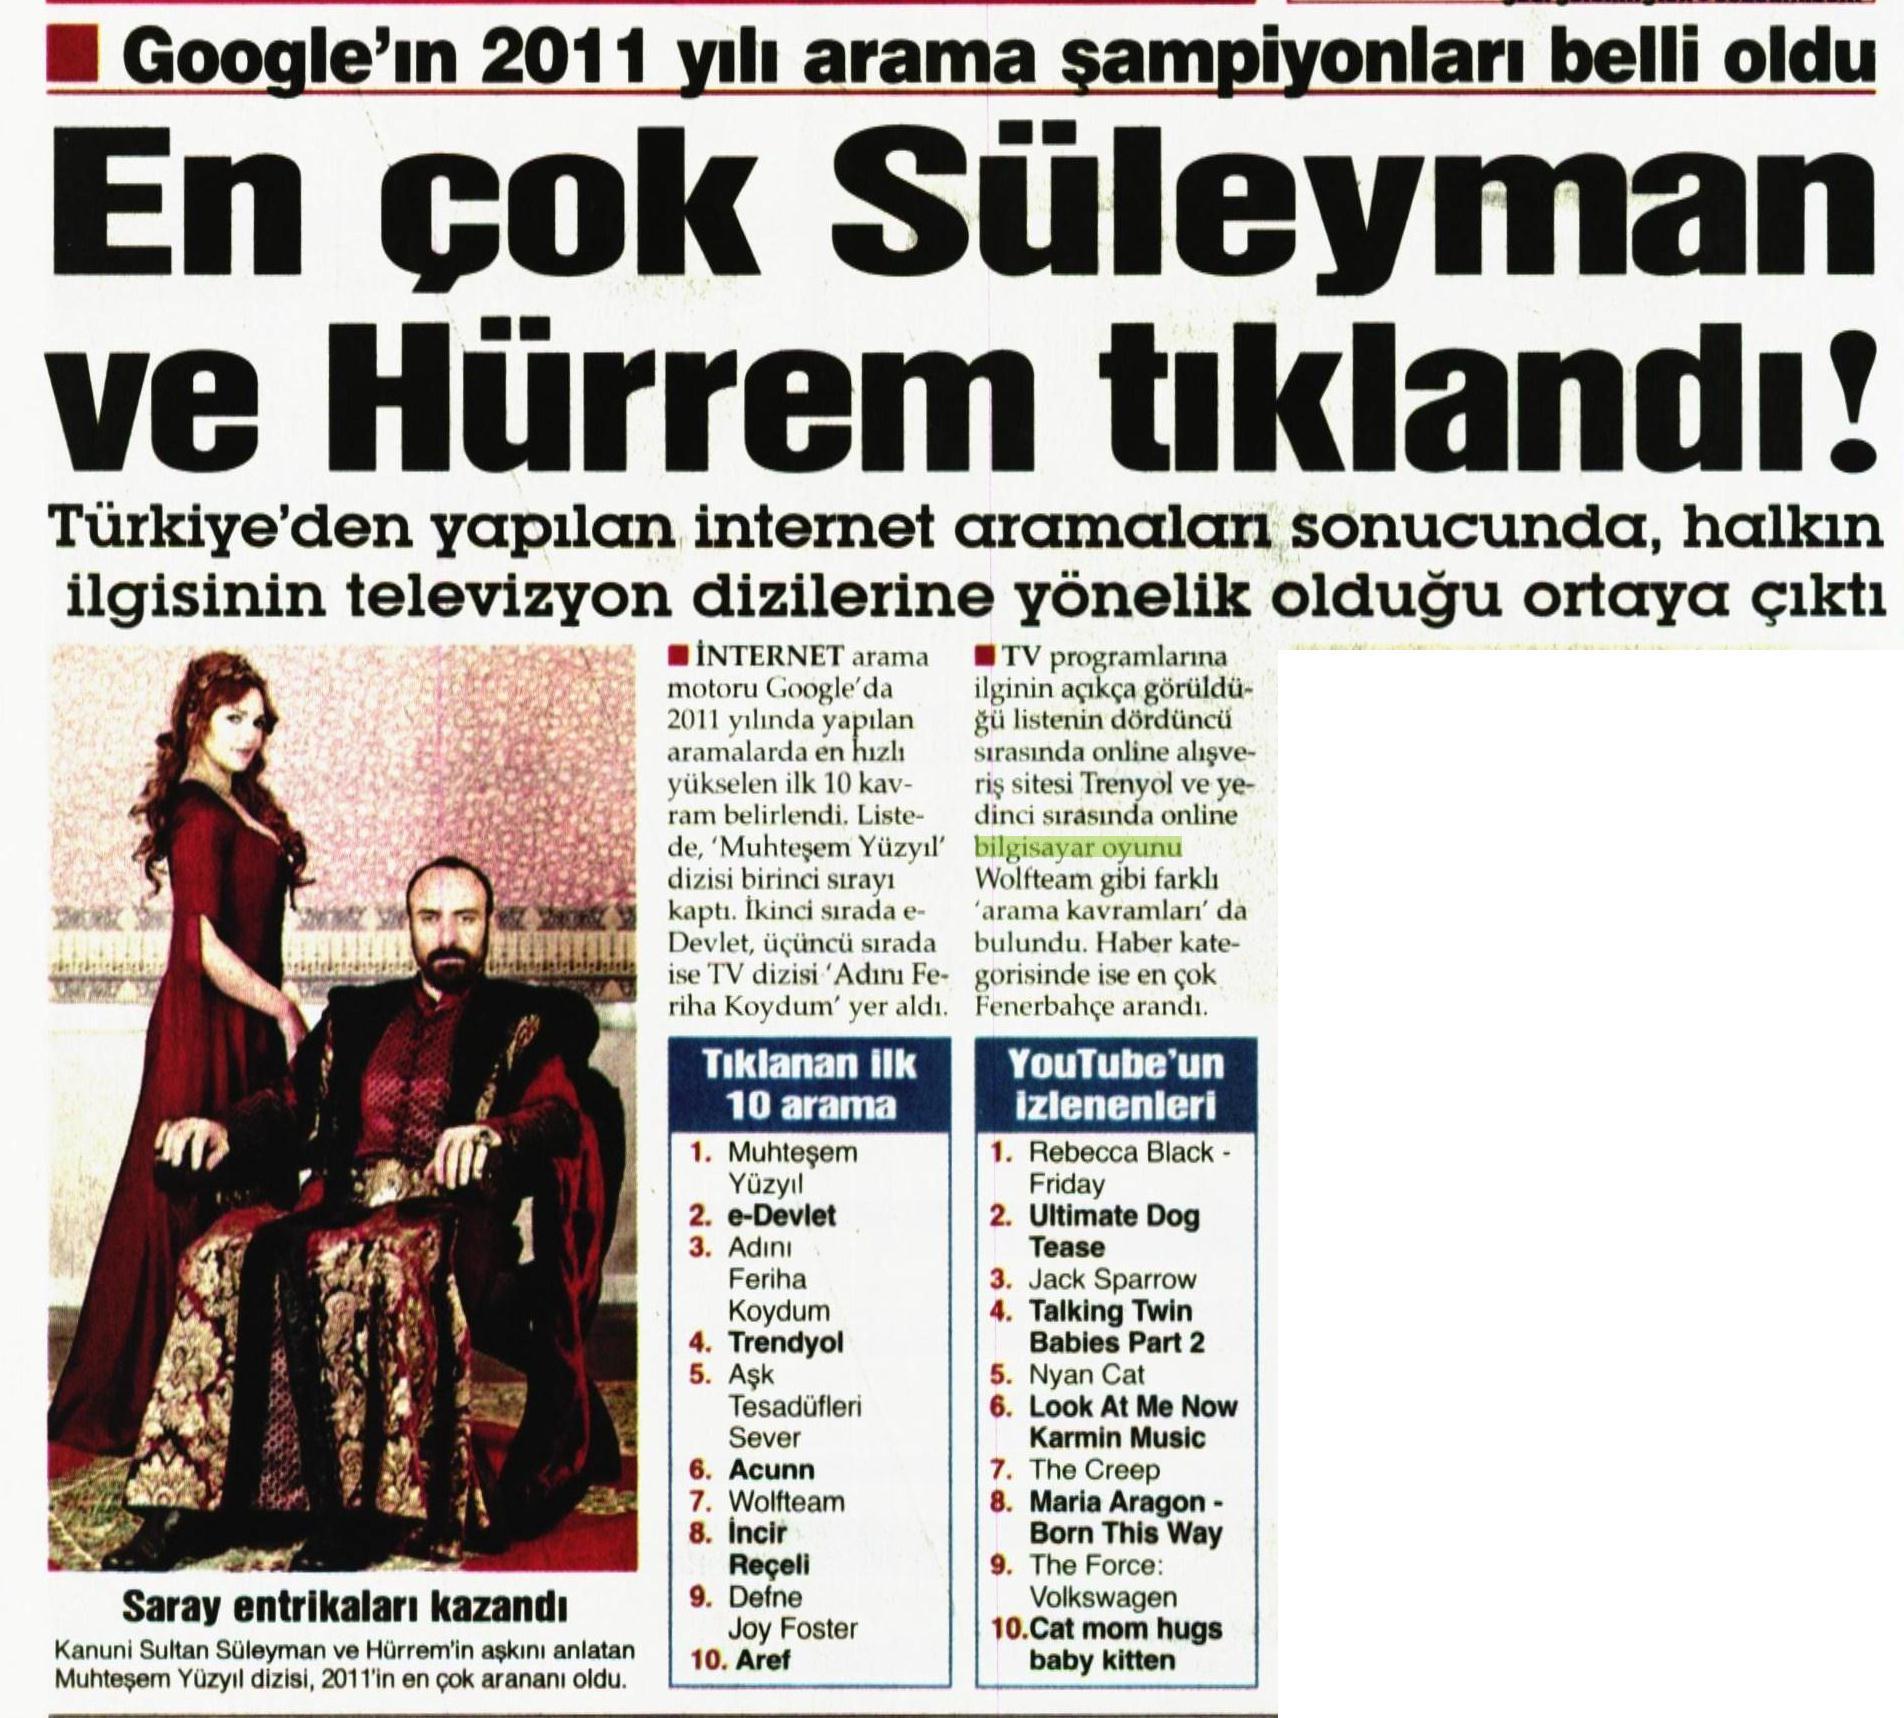 Netmarble-Turkey-Basin-Yansimasi-Sozcu-Gazetesi-22-Aralik-2011